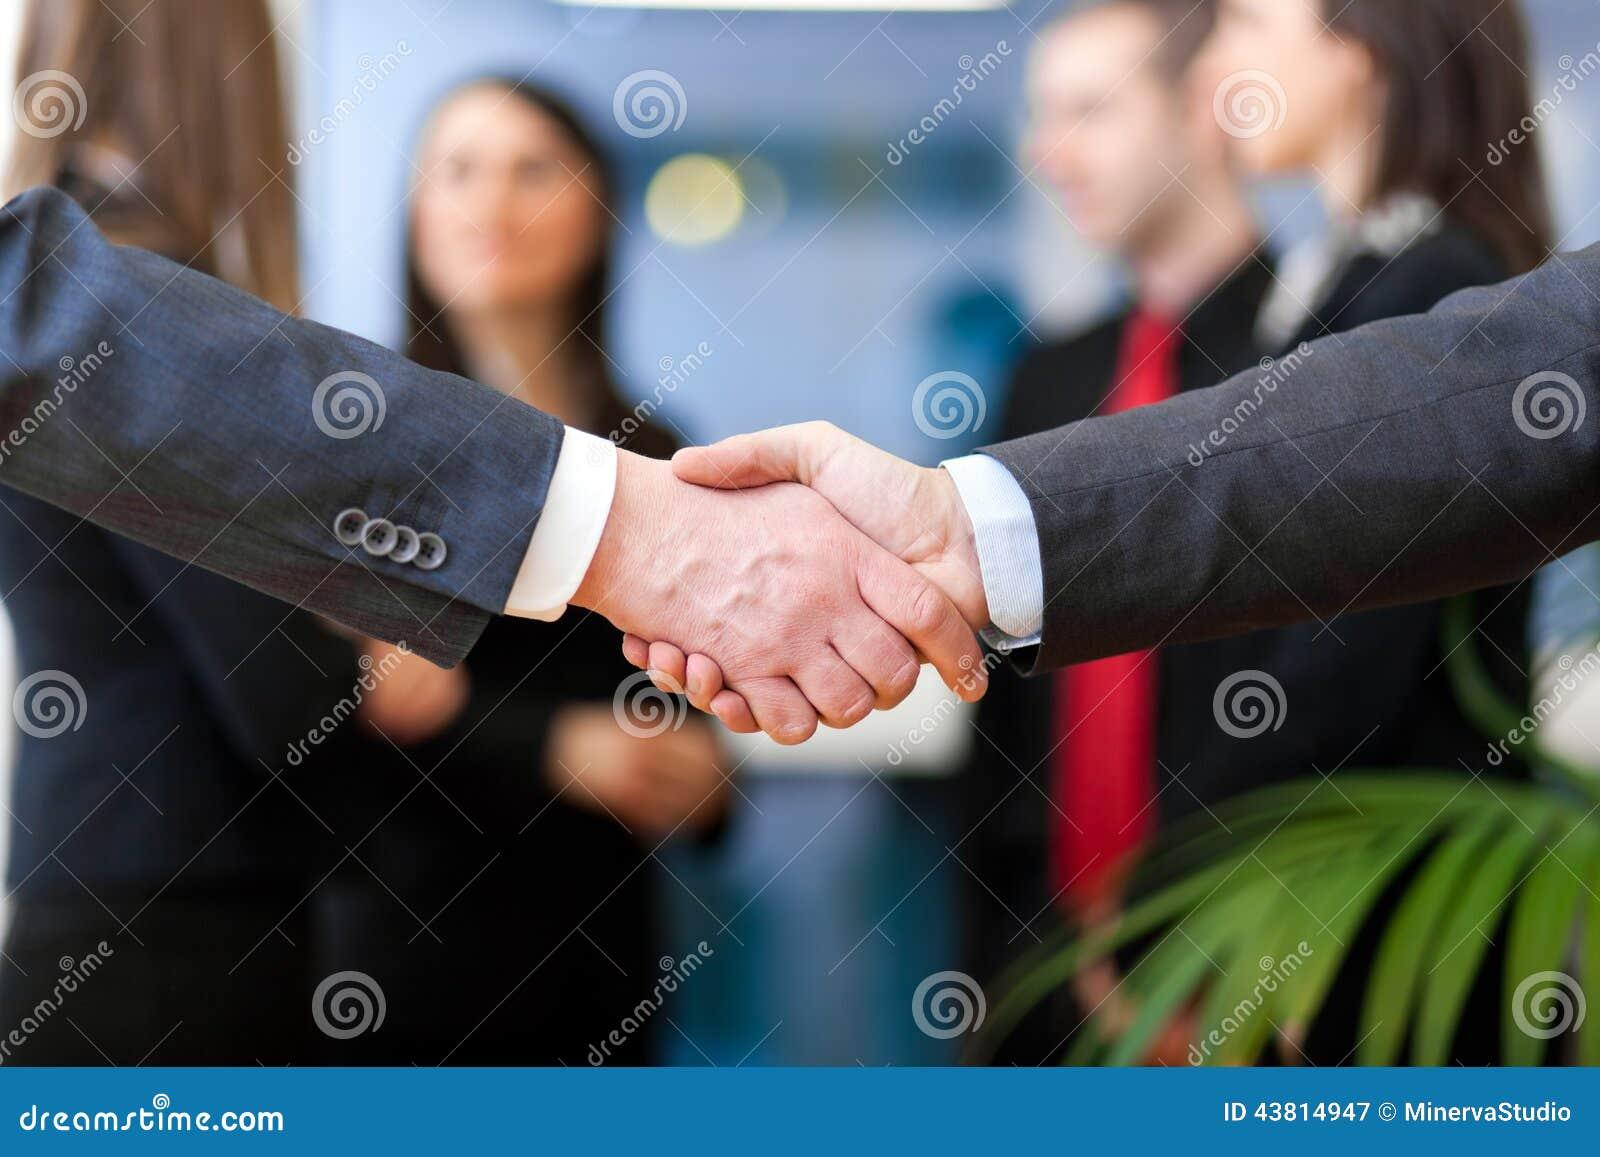 Εικόνα της χειραψίας συνέταιρων στην υπογραφή της σύμβασης